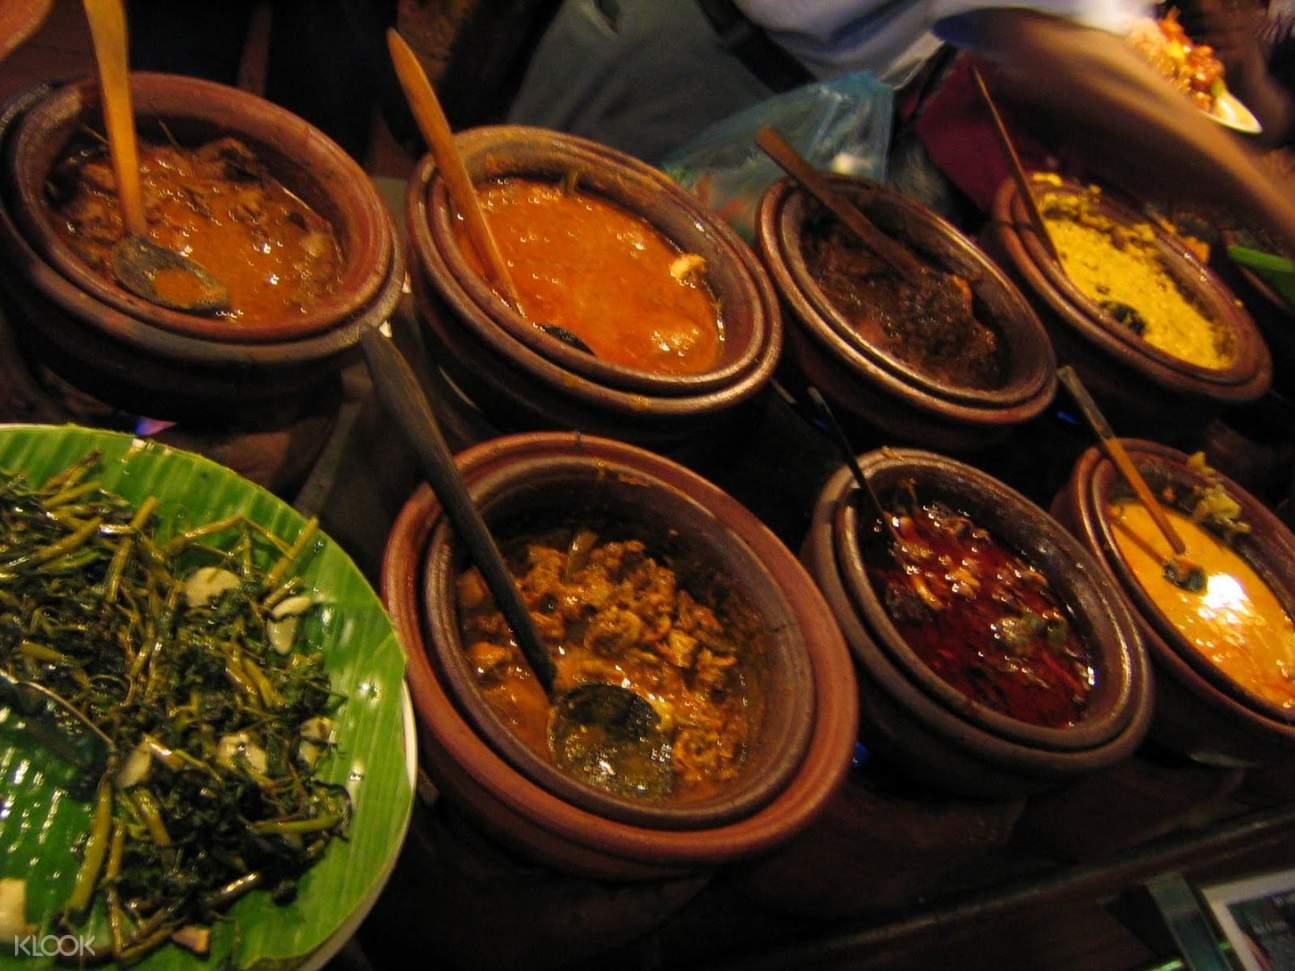 科倫坡街頭美食步行發現之旅